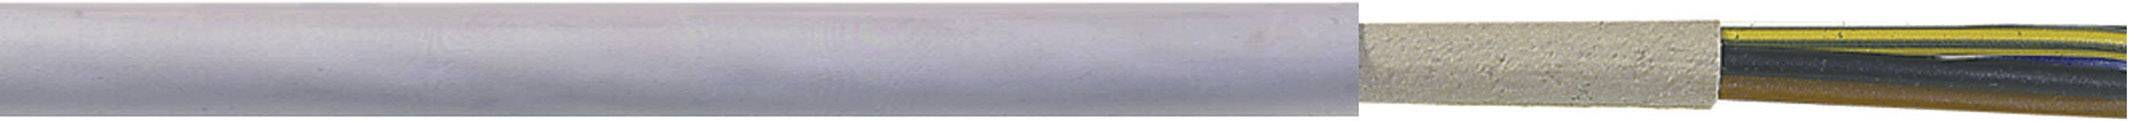 Instalační kabel LappKabel NYM-J 5G1,5 (16000023), 5 x 1,5 mm², 9,9 mm, šedá, 100 m